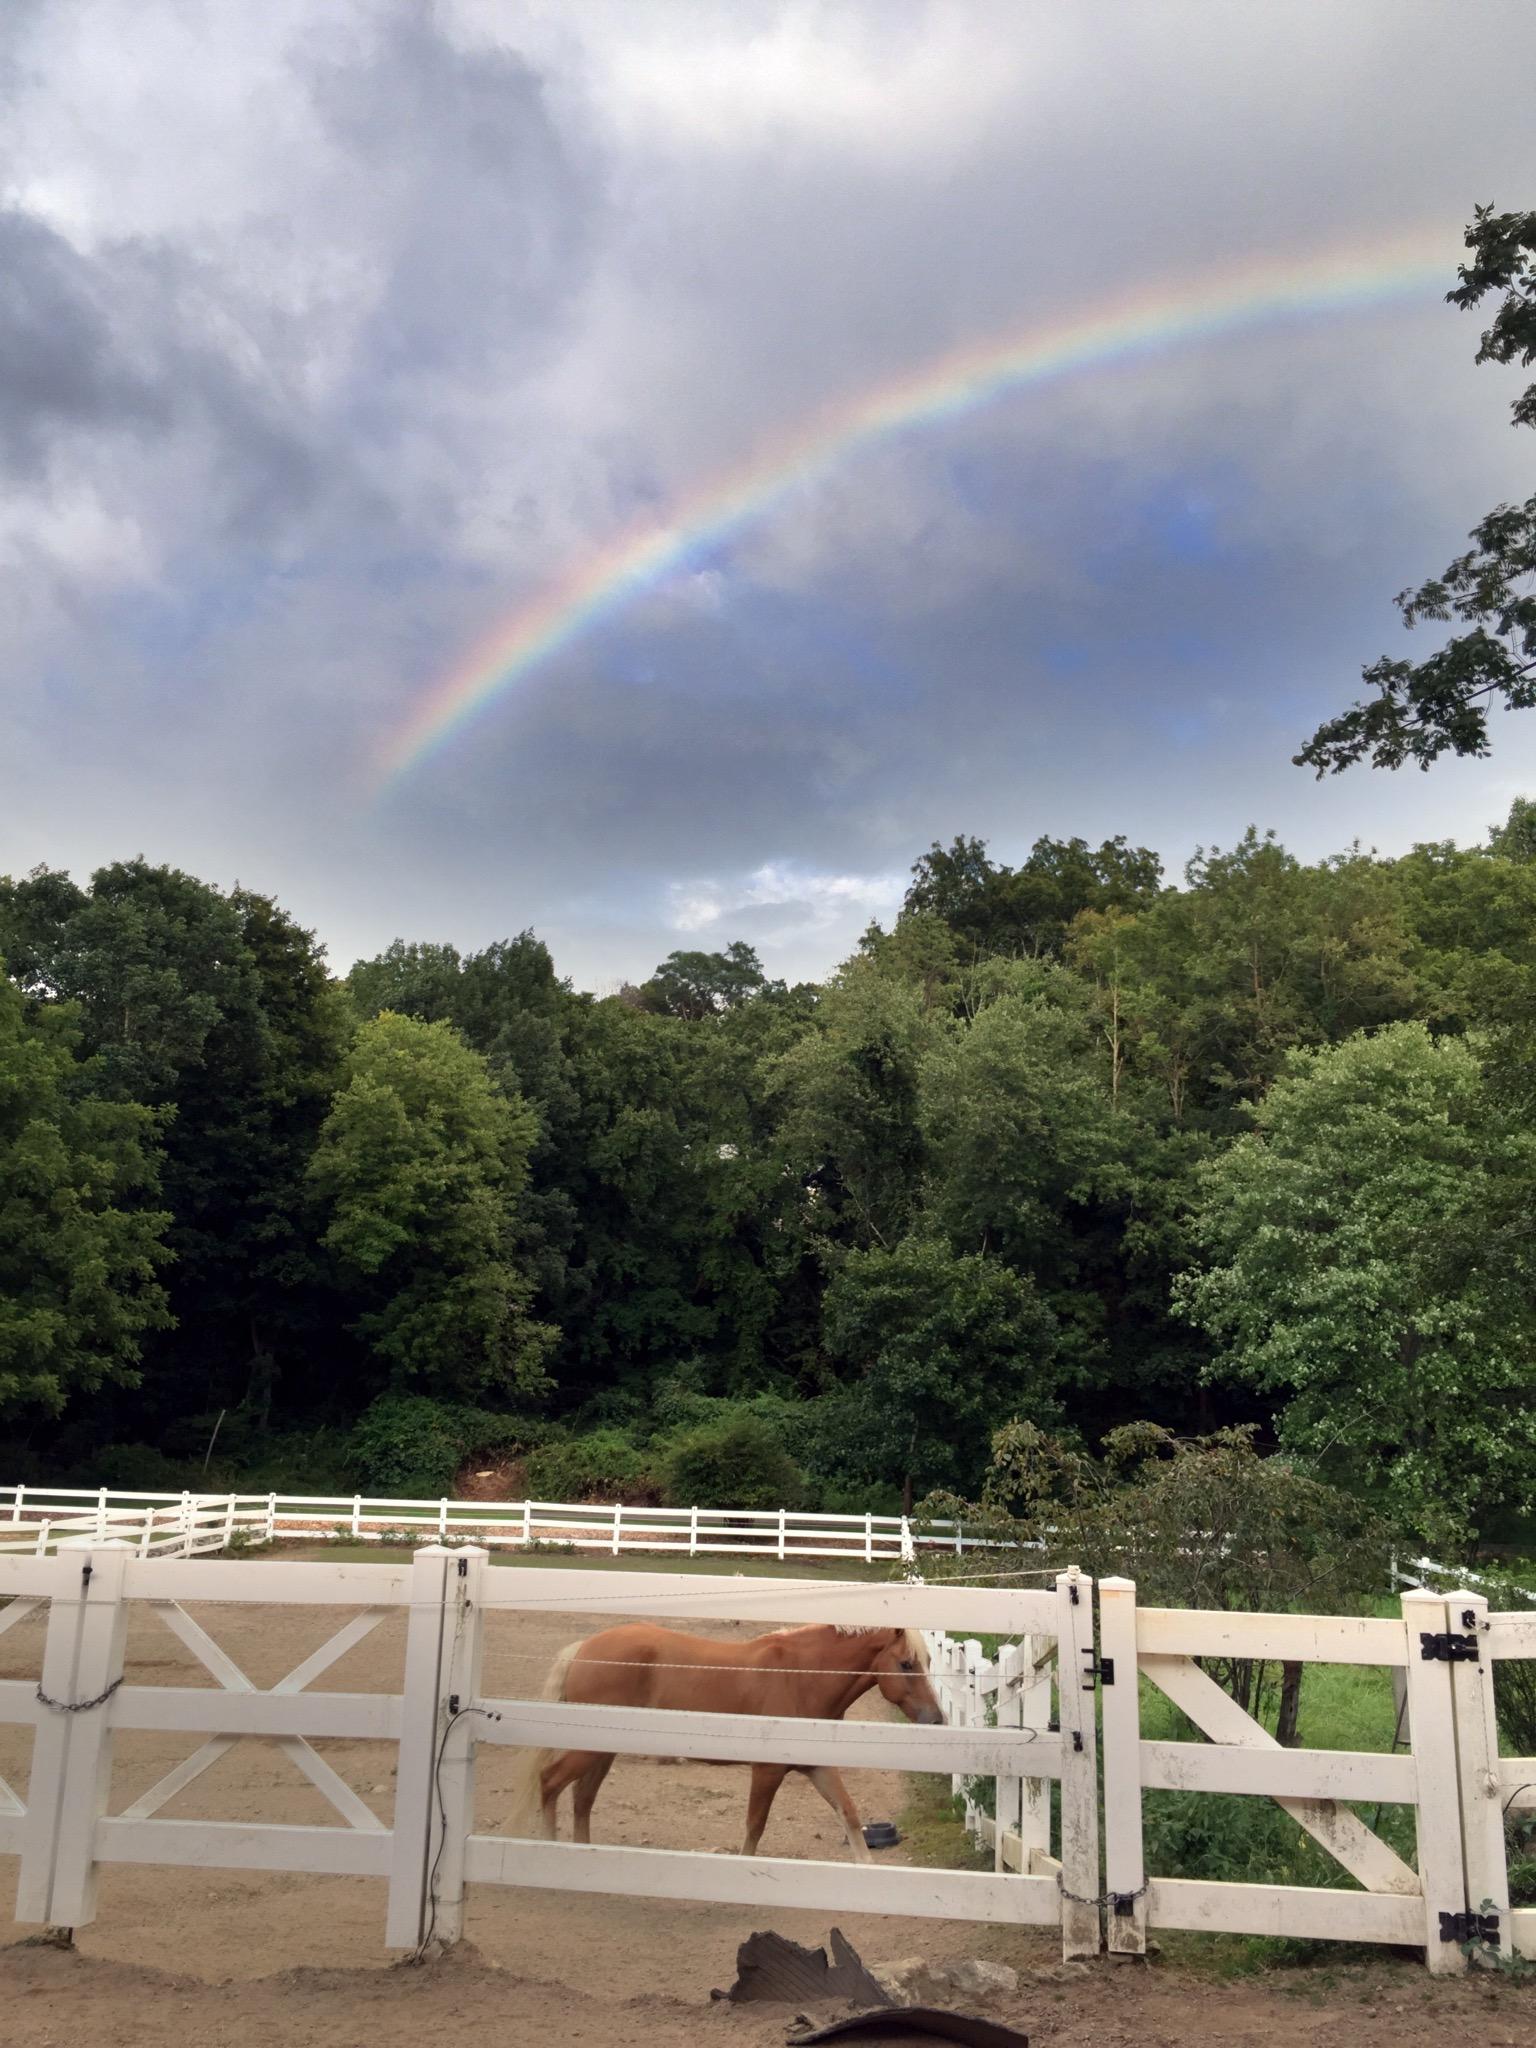 RainbowpicturesummerIII2016